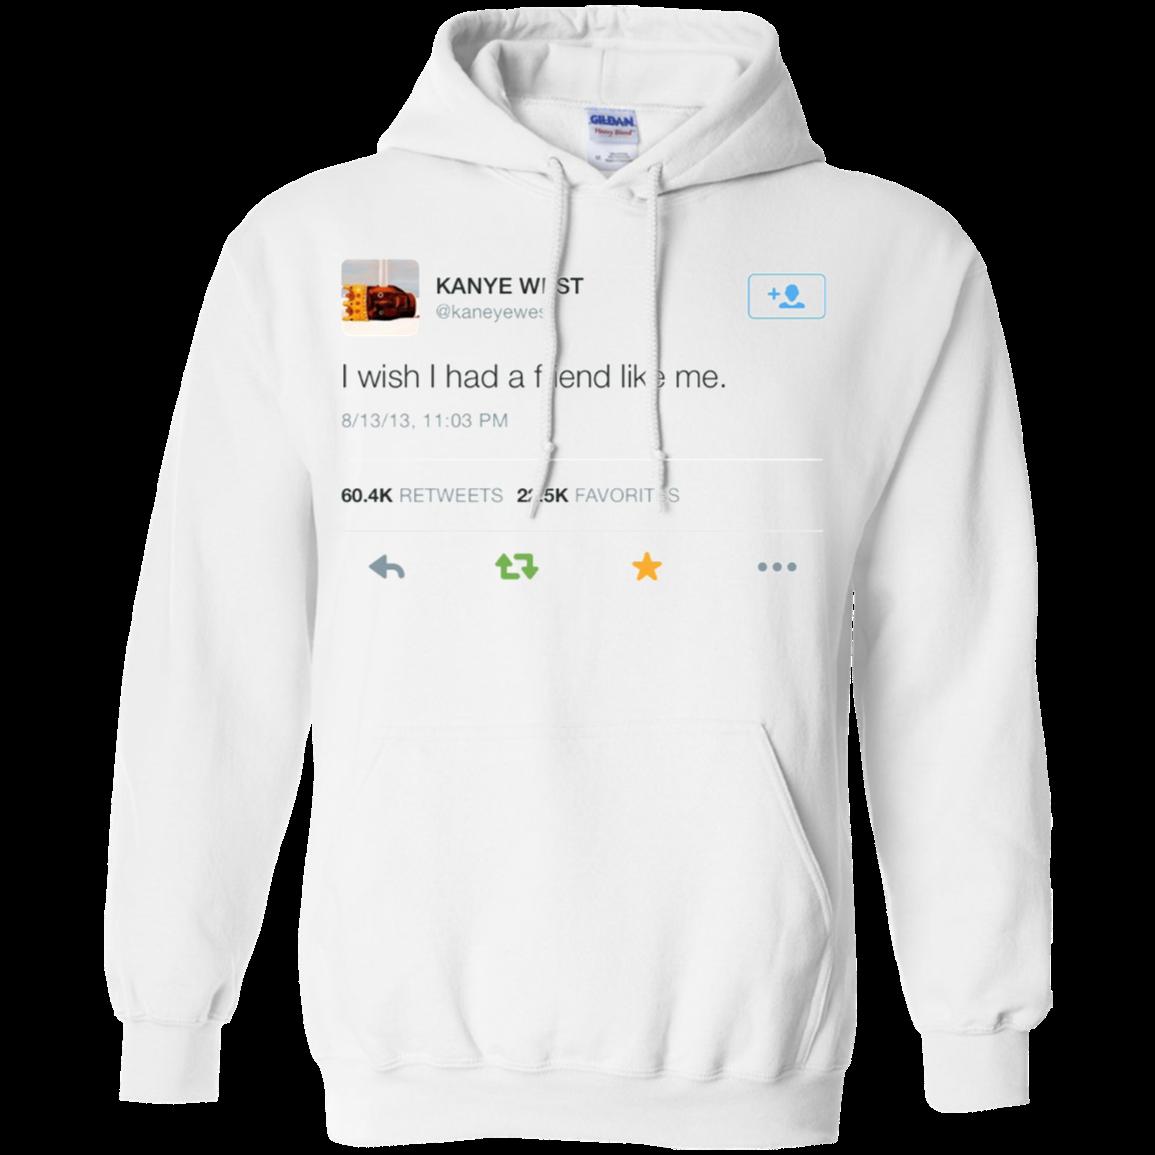 Kanye West Hoodie I Wish I Had A Friend Like Me In 2020 Casual Shirt Women Cool Shirt Designs Custom Hoodies